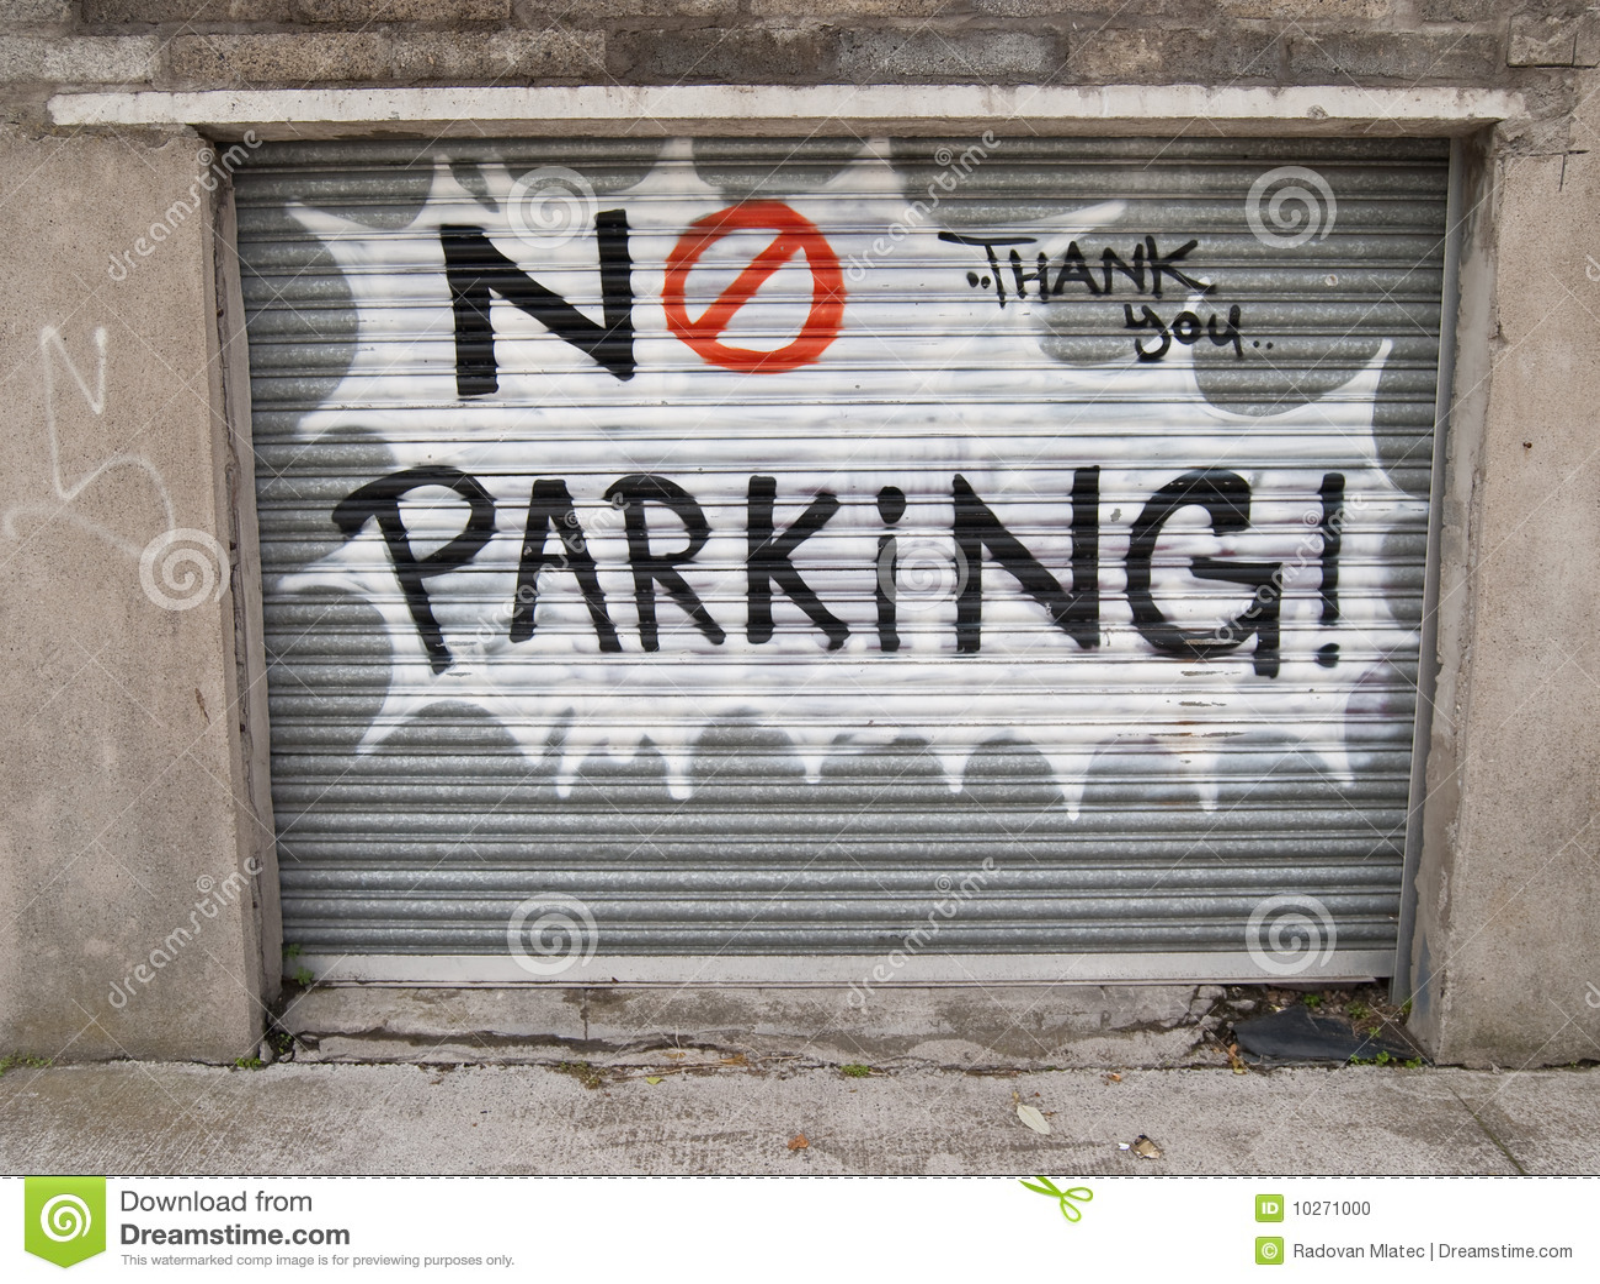 No parking graffiti stock photo Image of graffity